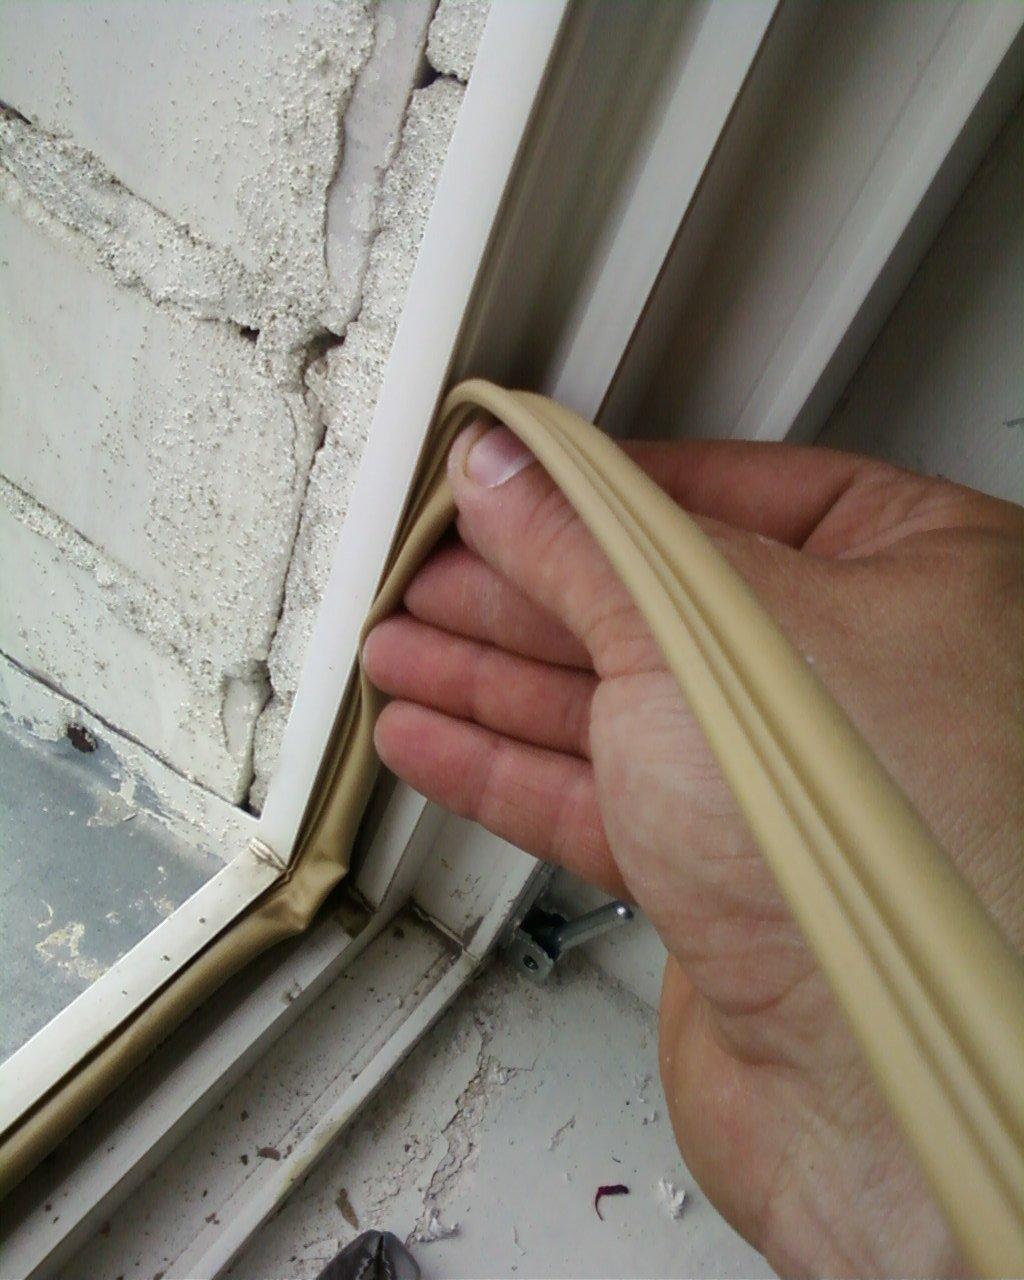 Как выполняется регулировка пластиковых окон своими руками 100